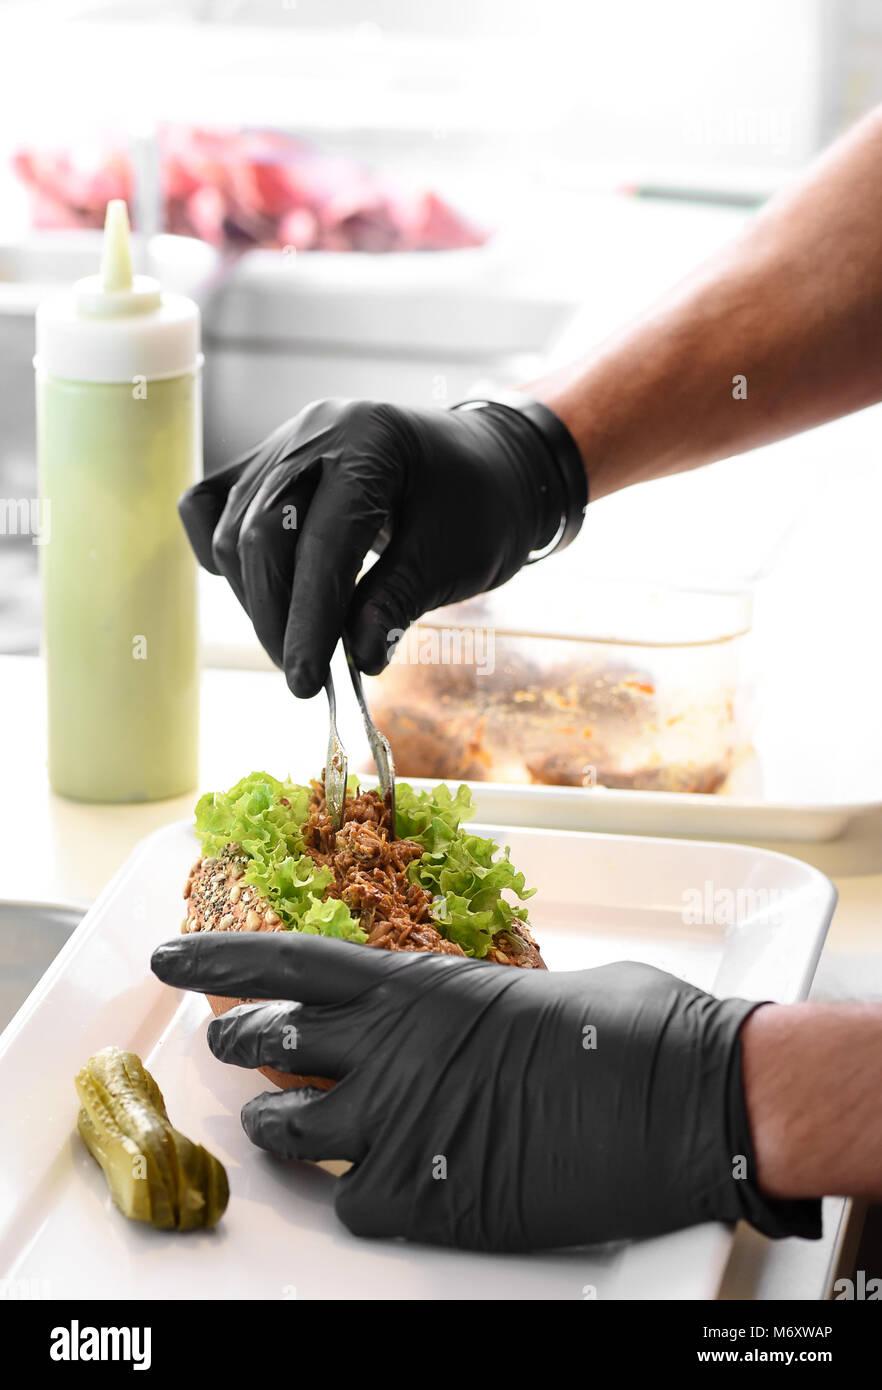 Chef de la préparation d'un sandwich de porc sur un rouleau complet en bonne santé l'offre de Photo Stock